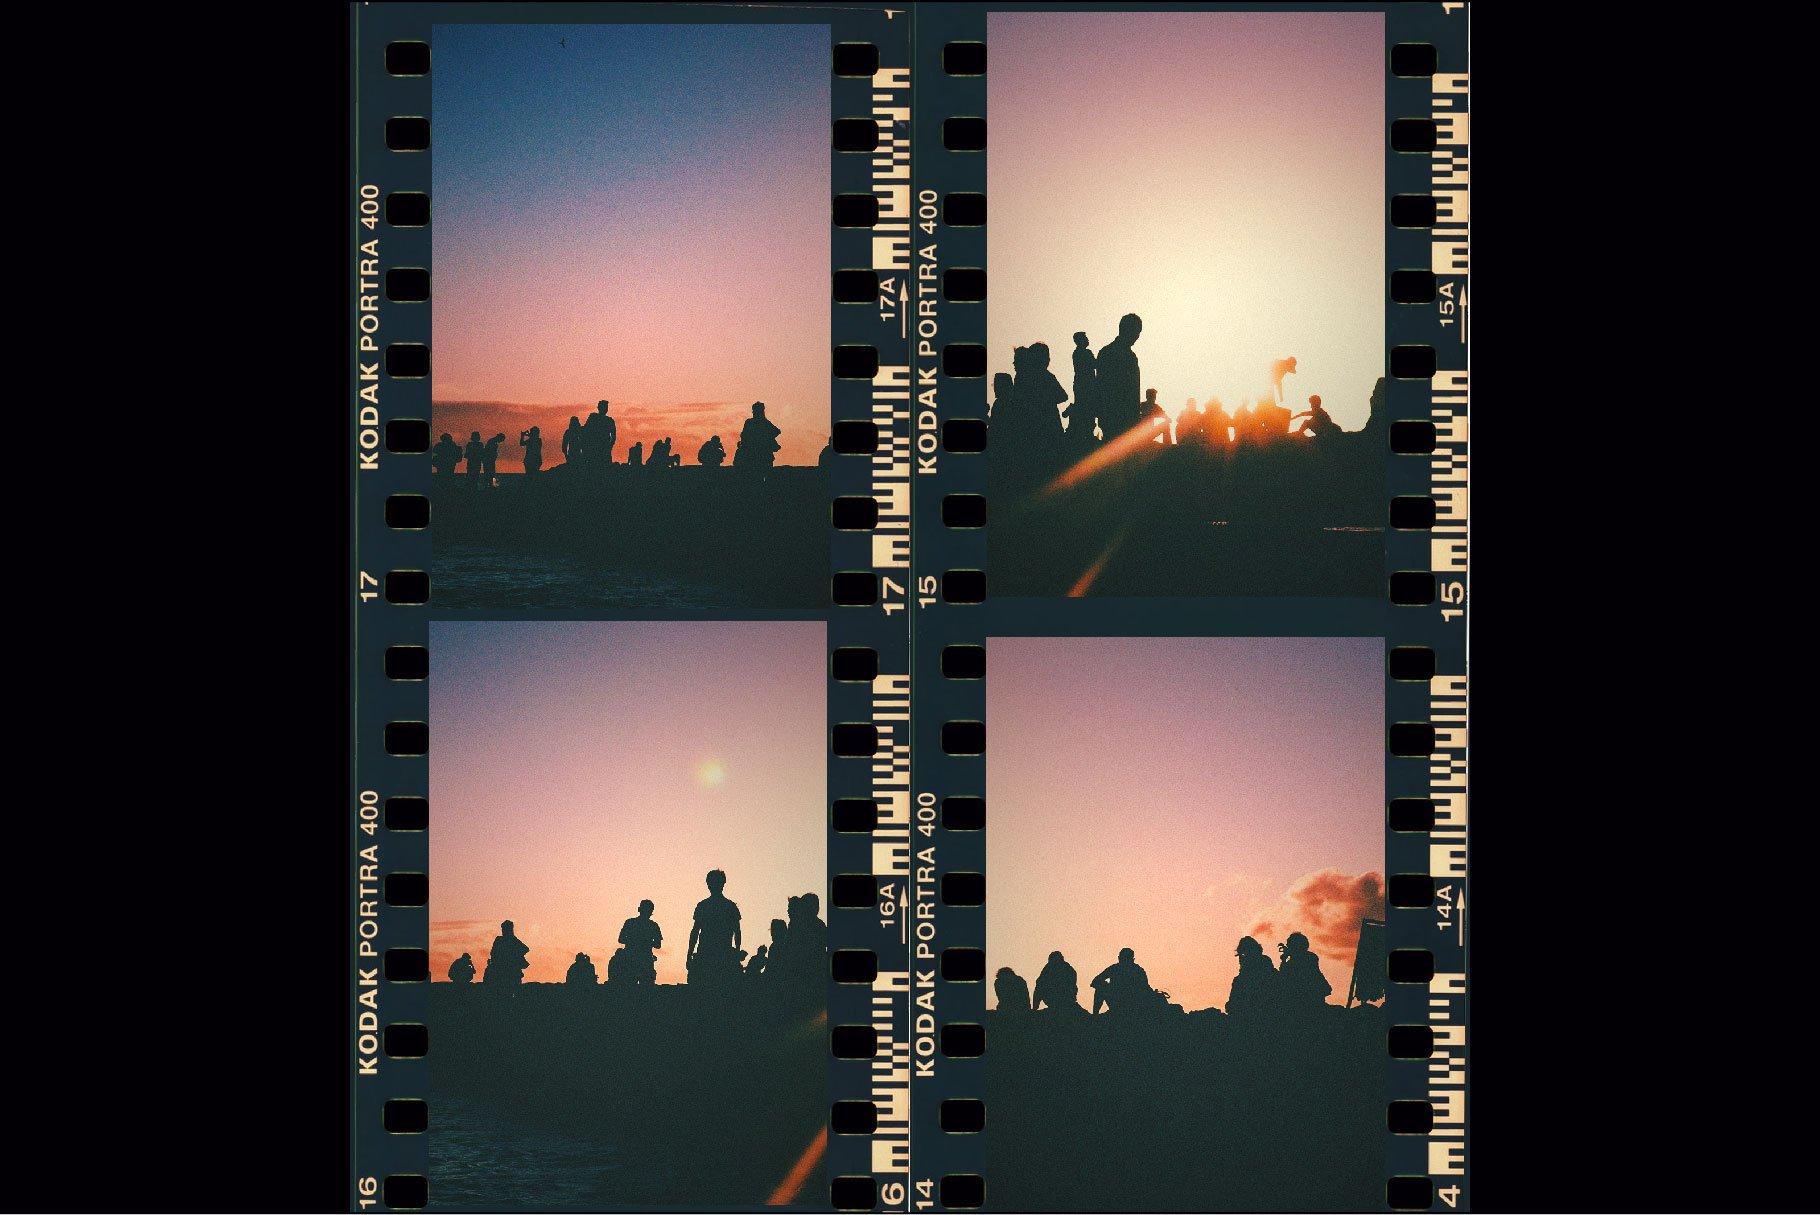 复古老式胶片胶卷边框图层叠加样机照片处理动作模板 Vintage Film Photo Mockup Bundle插图(7)